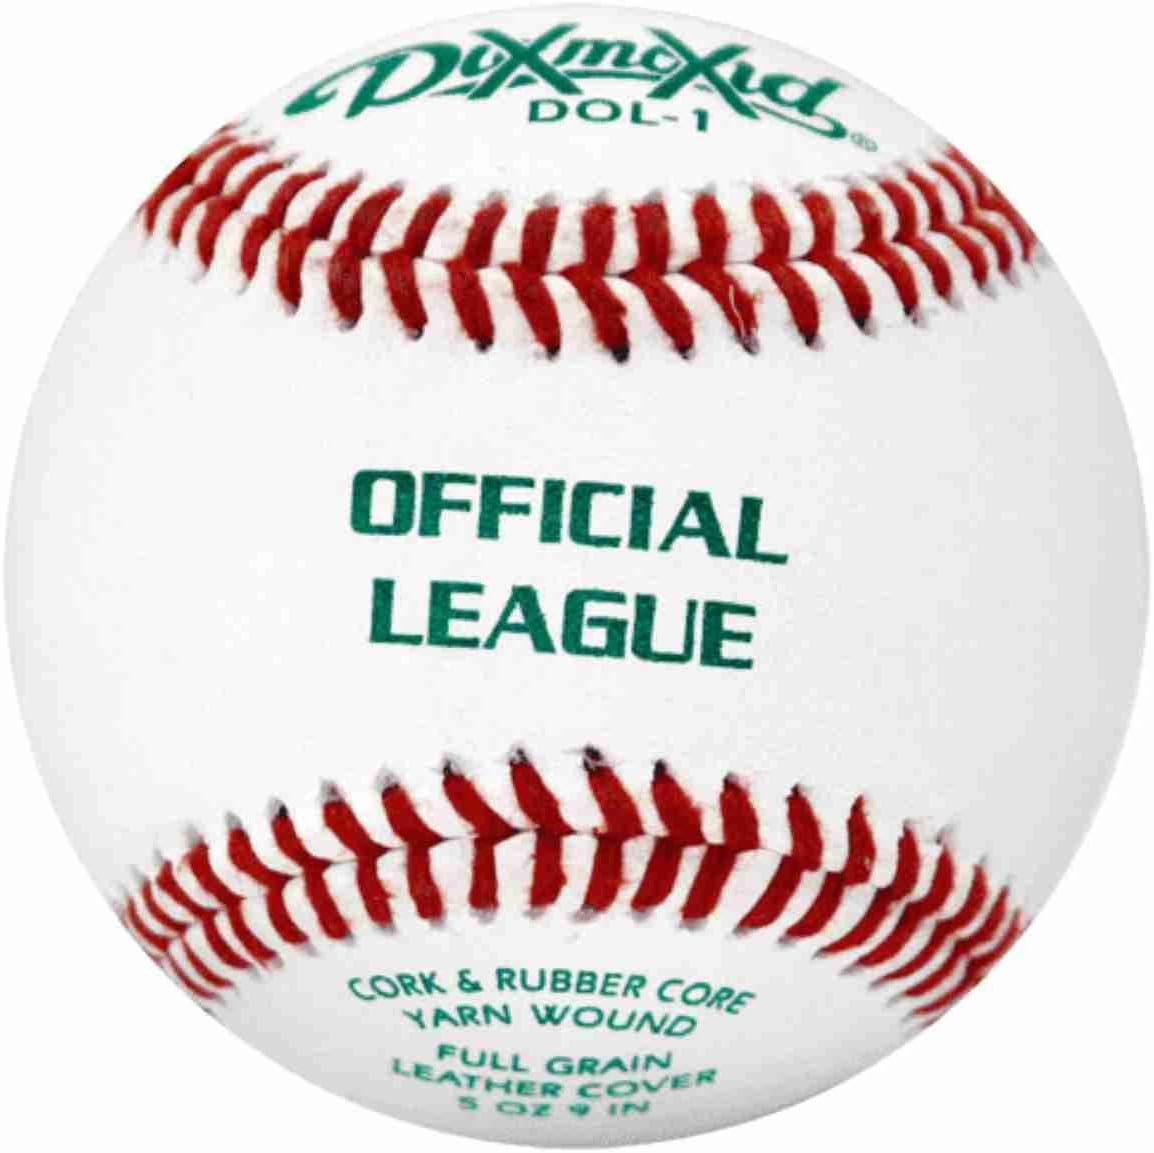 ダイヤモンドスポーツ野球dol-1 (Blem)